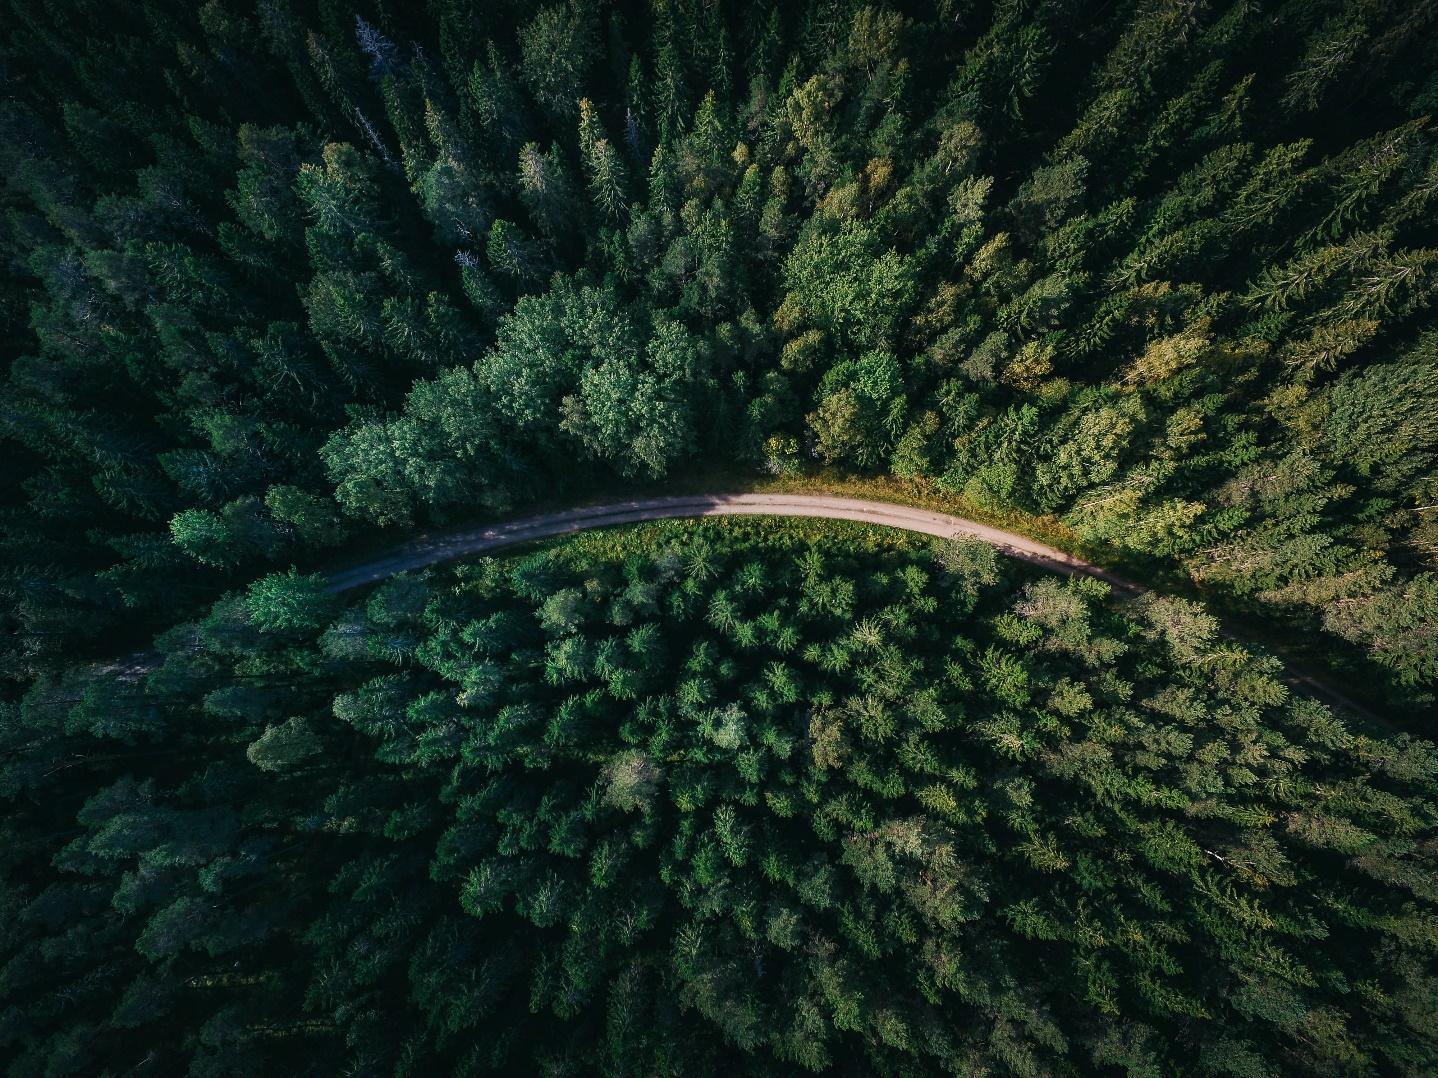 Ecosia is een zoekmachine die bomen plant